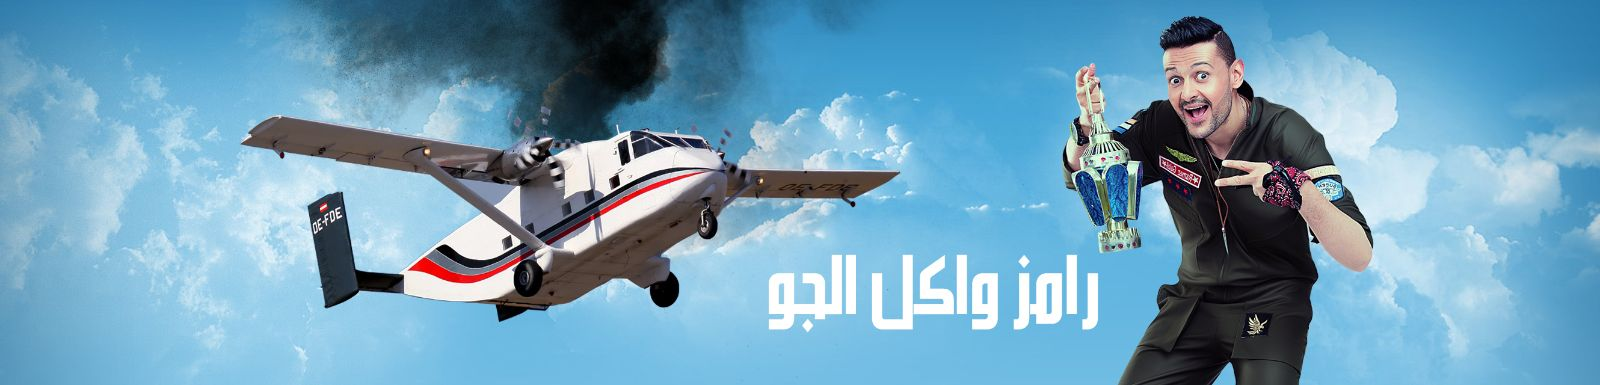 تحميل برنامج رامز واكل الجو الحلقة 13 حلقة هشام عباس